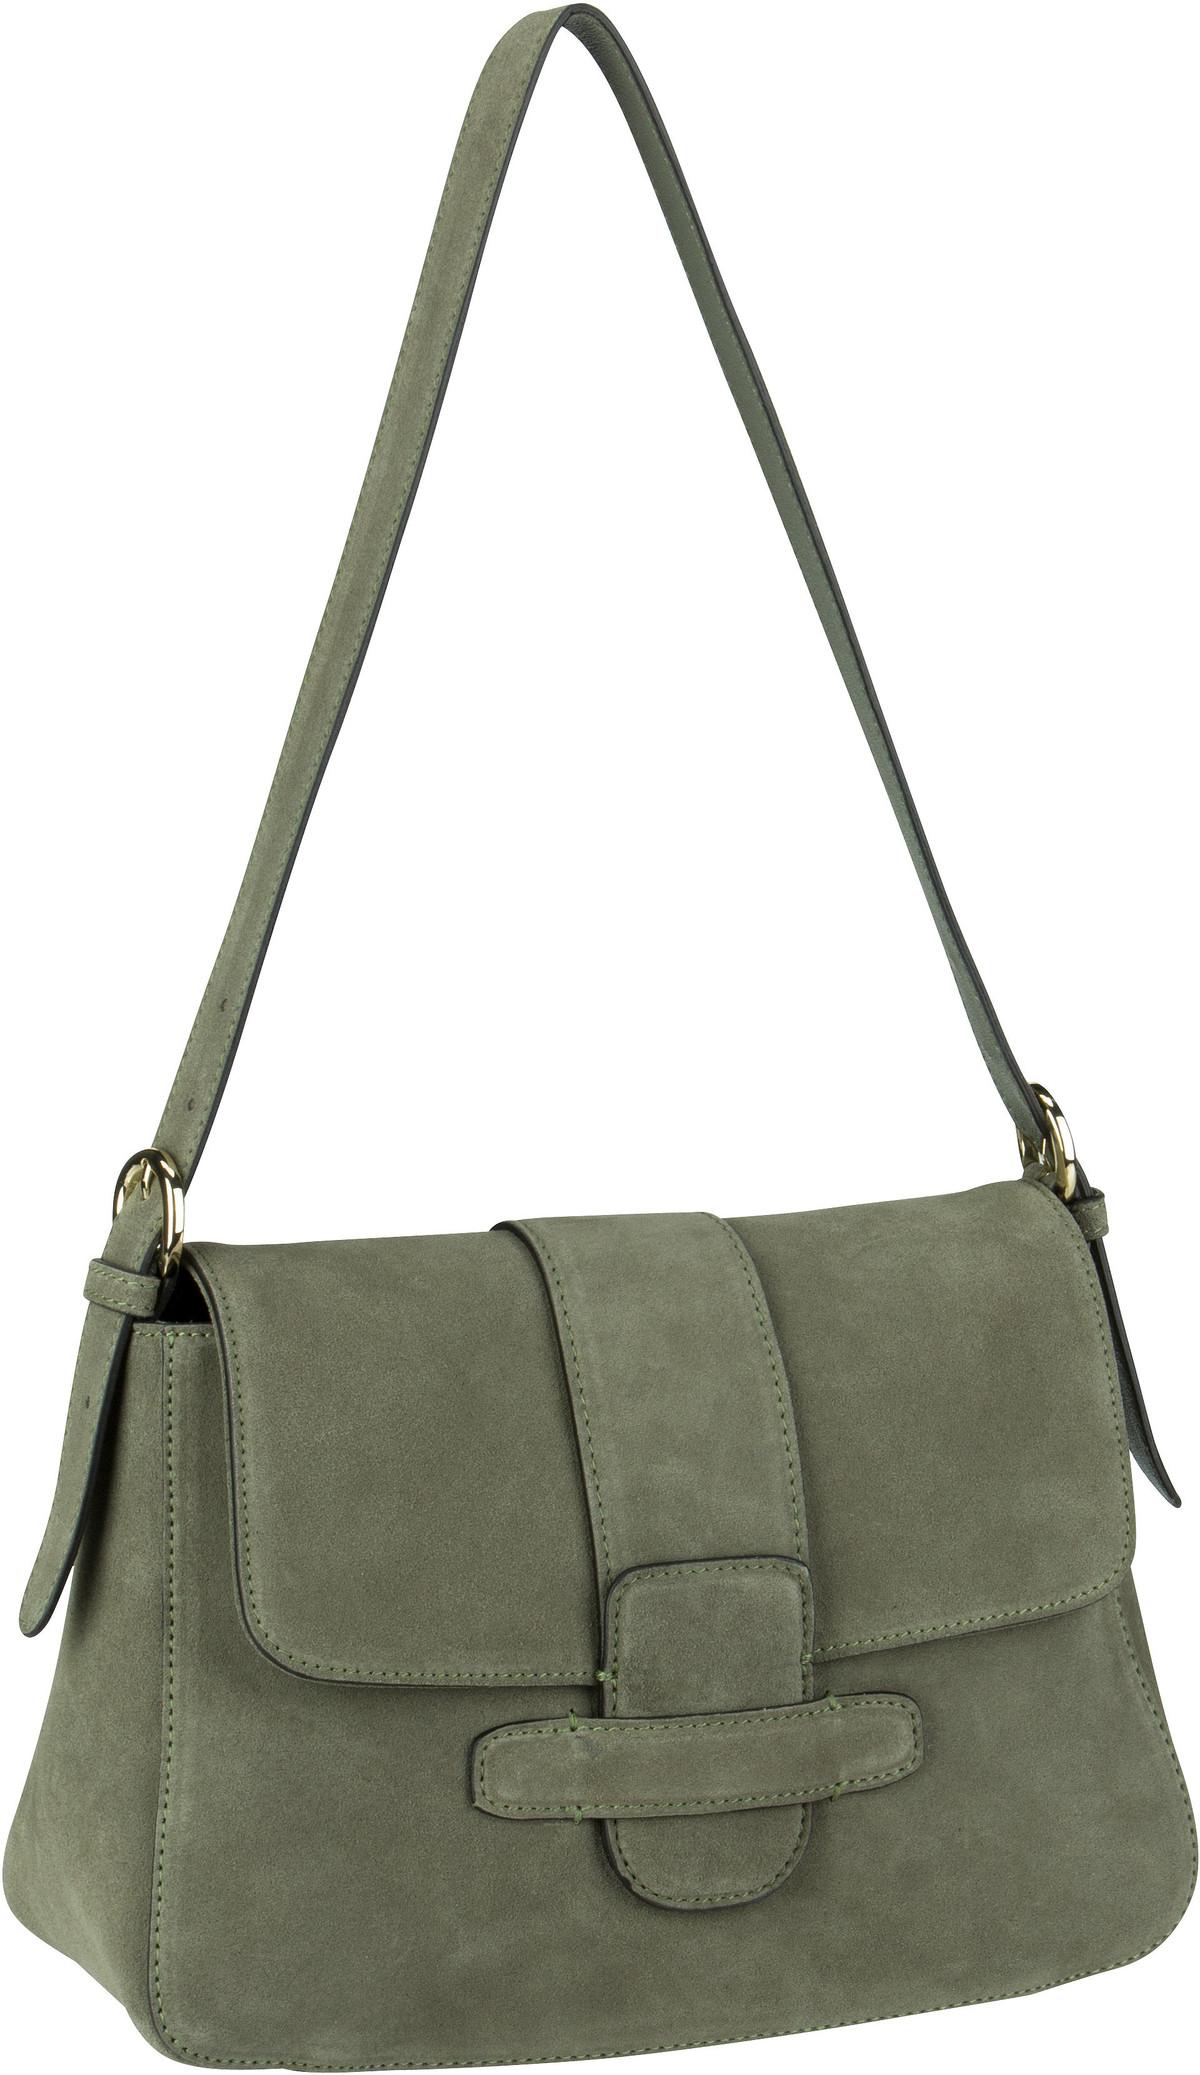 Handtasche Camilla 28914 Oliv